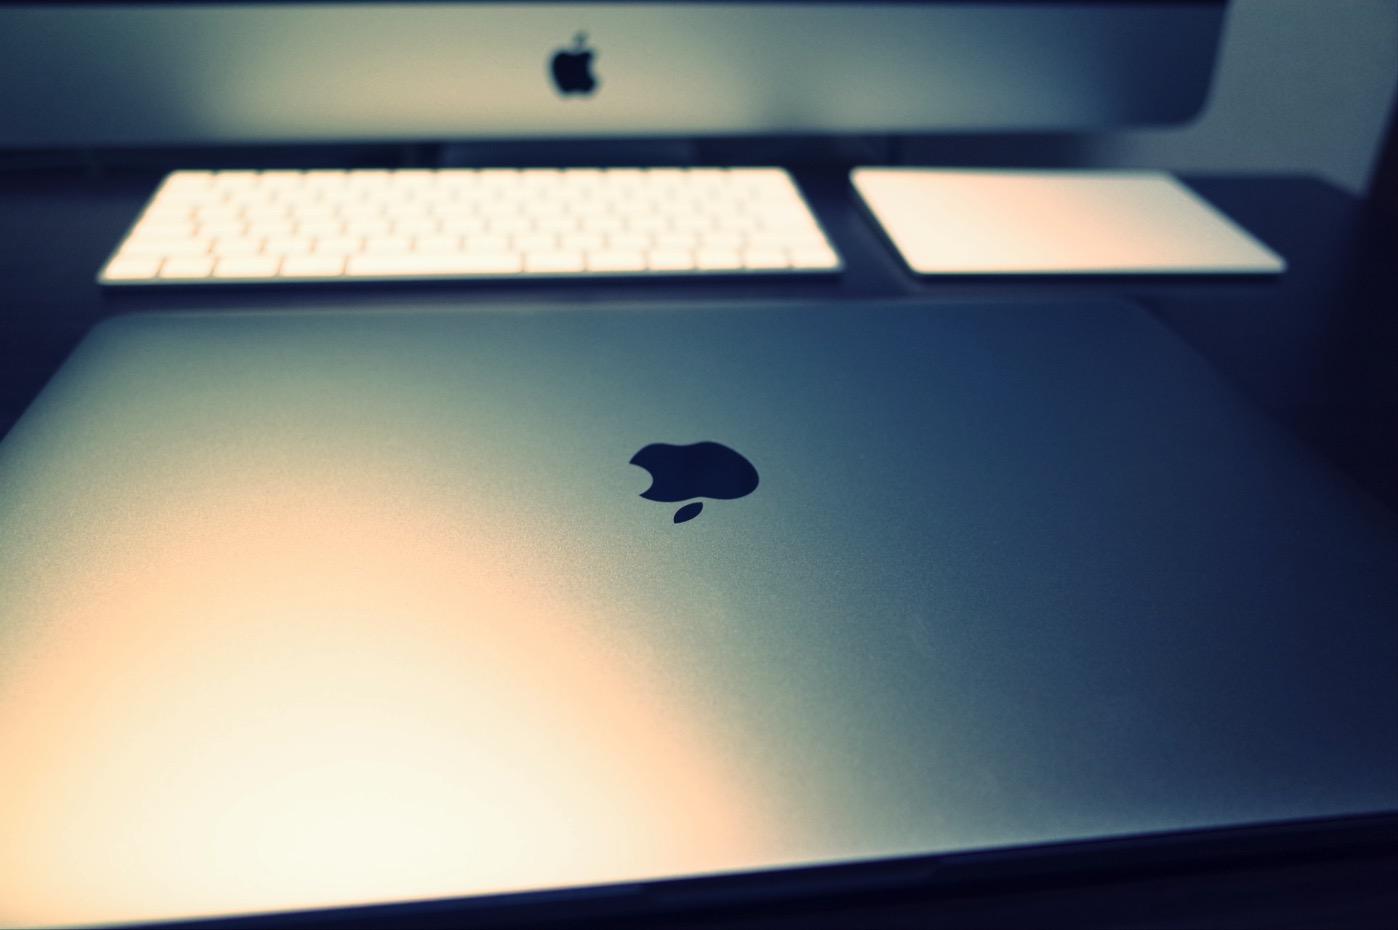 Macアップグレードプログラム-5